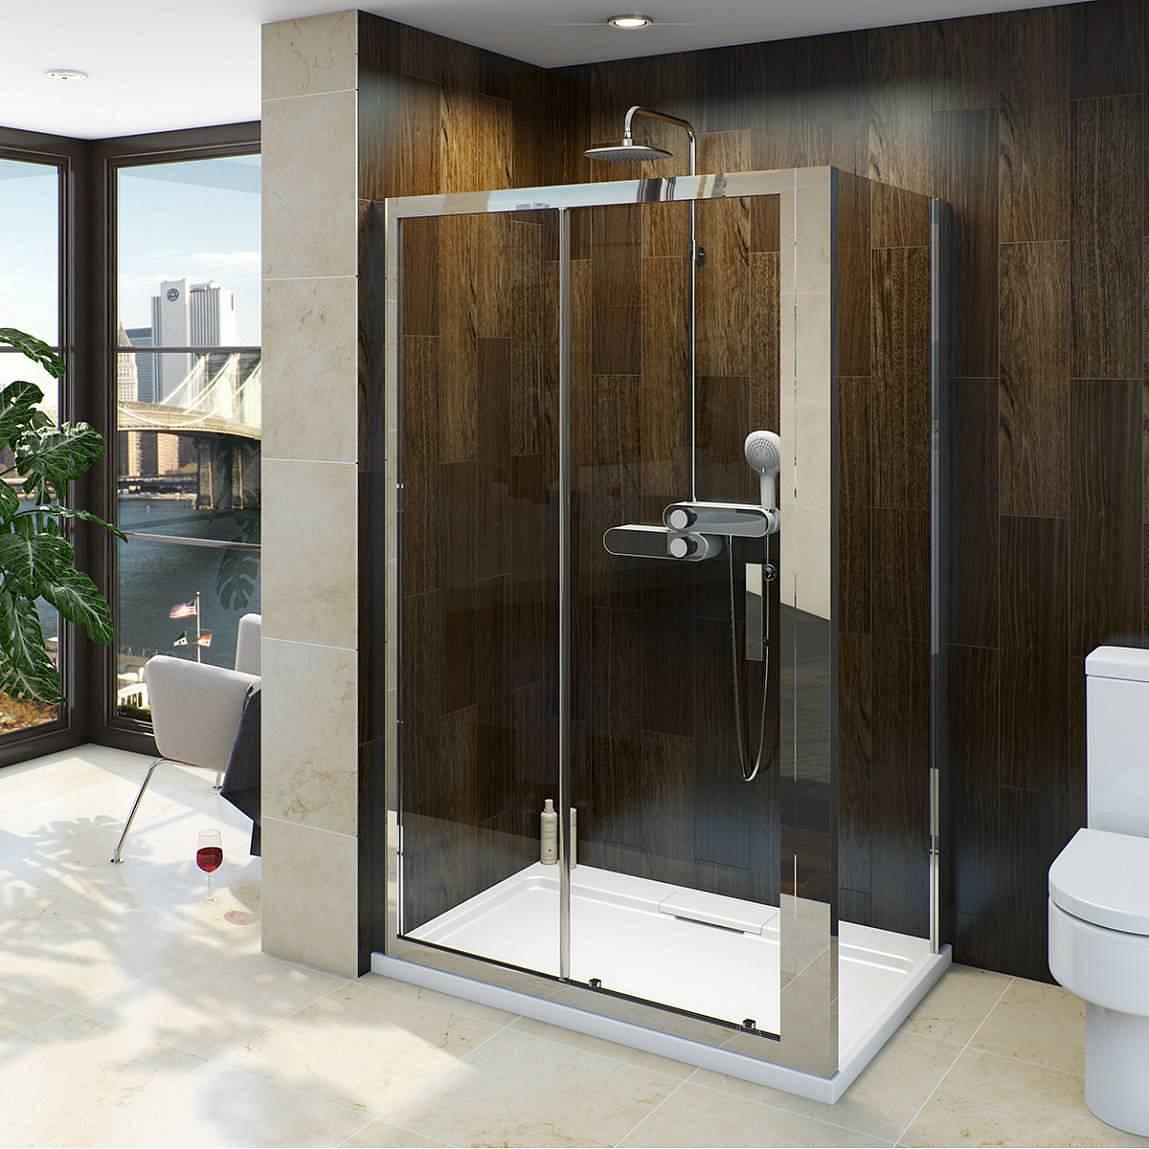 Image of V8 Framed Sliding Shower Enclosure 1400 x 800